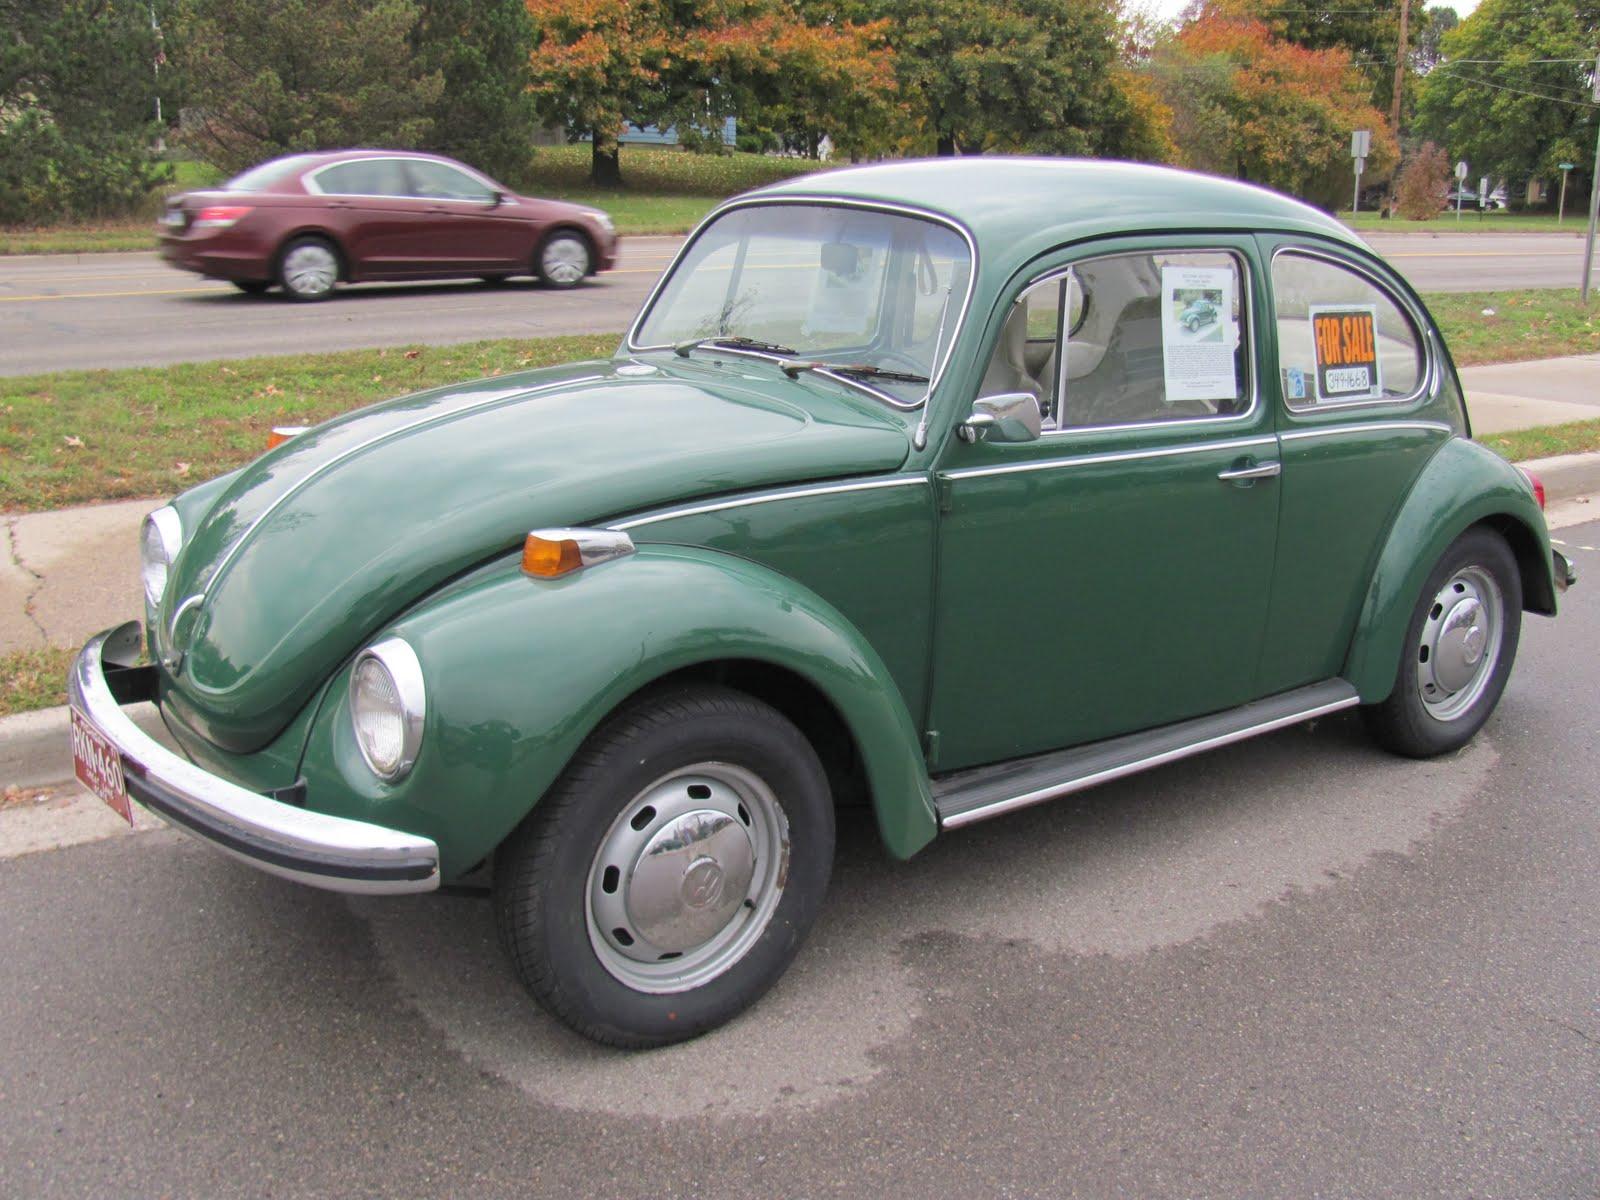 Auto Ramblings à la Max: Road Test: 1971 Volkswagen Super Beetle